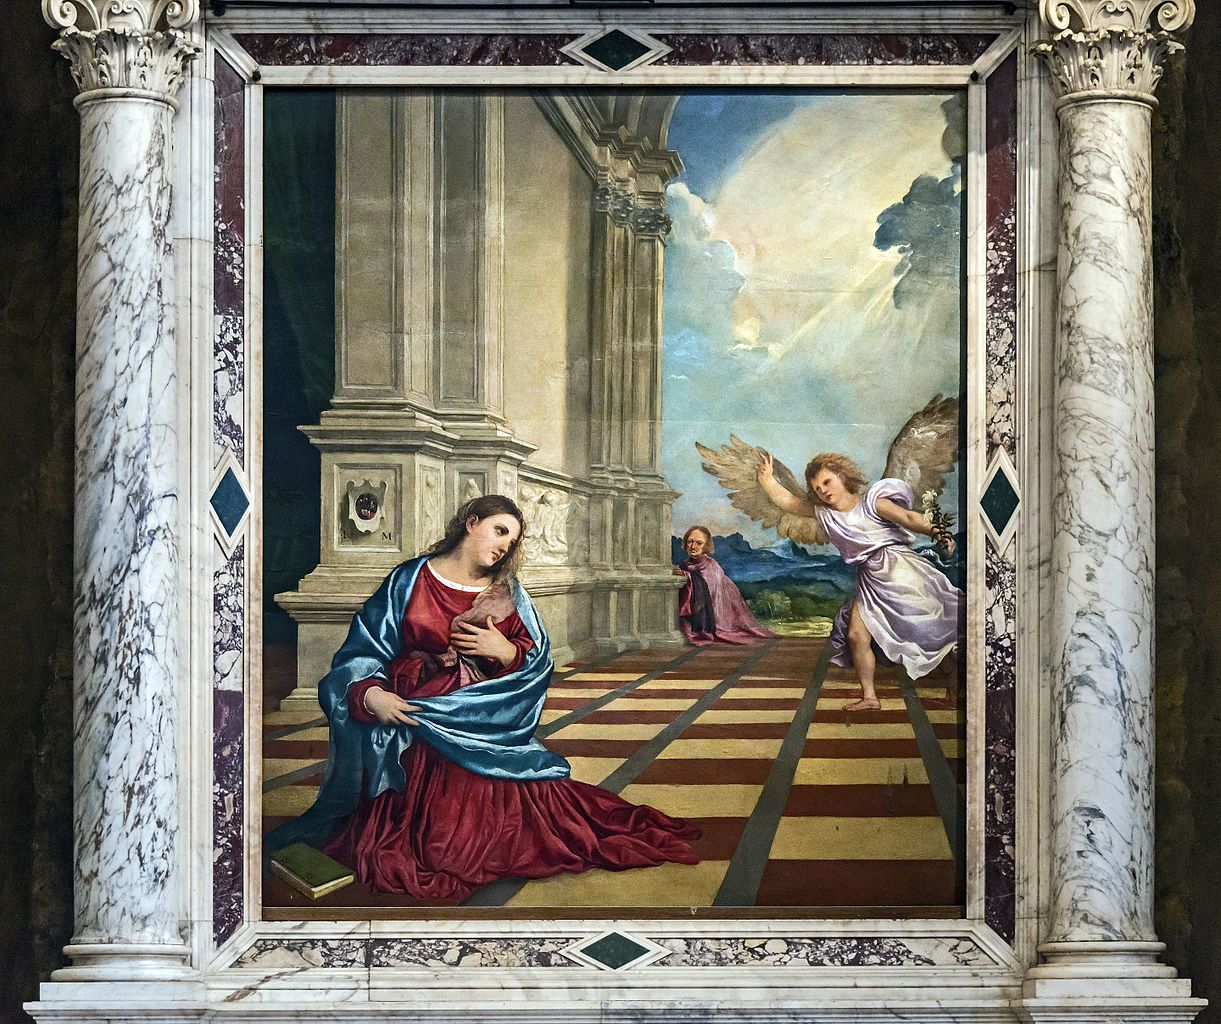 Un premio su Tiziano per giovani storici dell'arte: ecco come partecipare